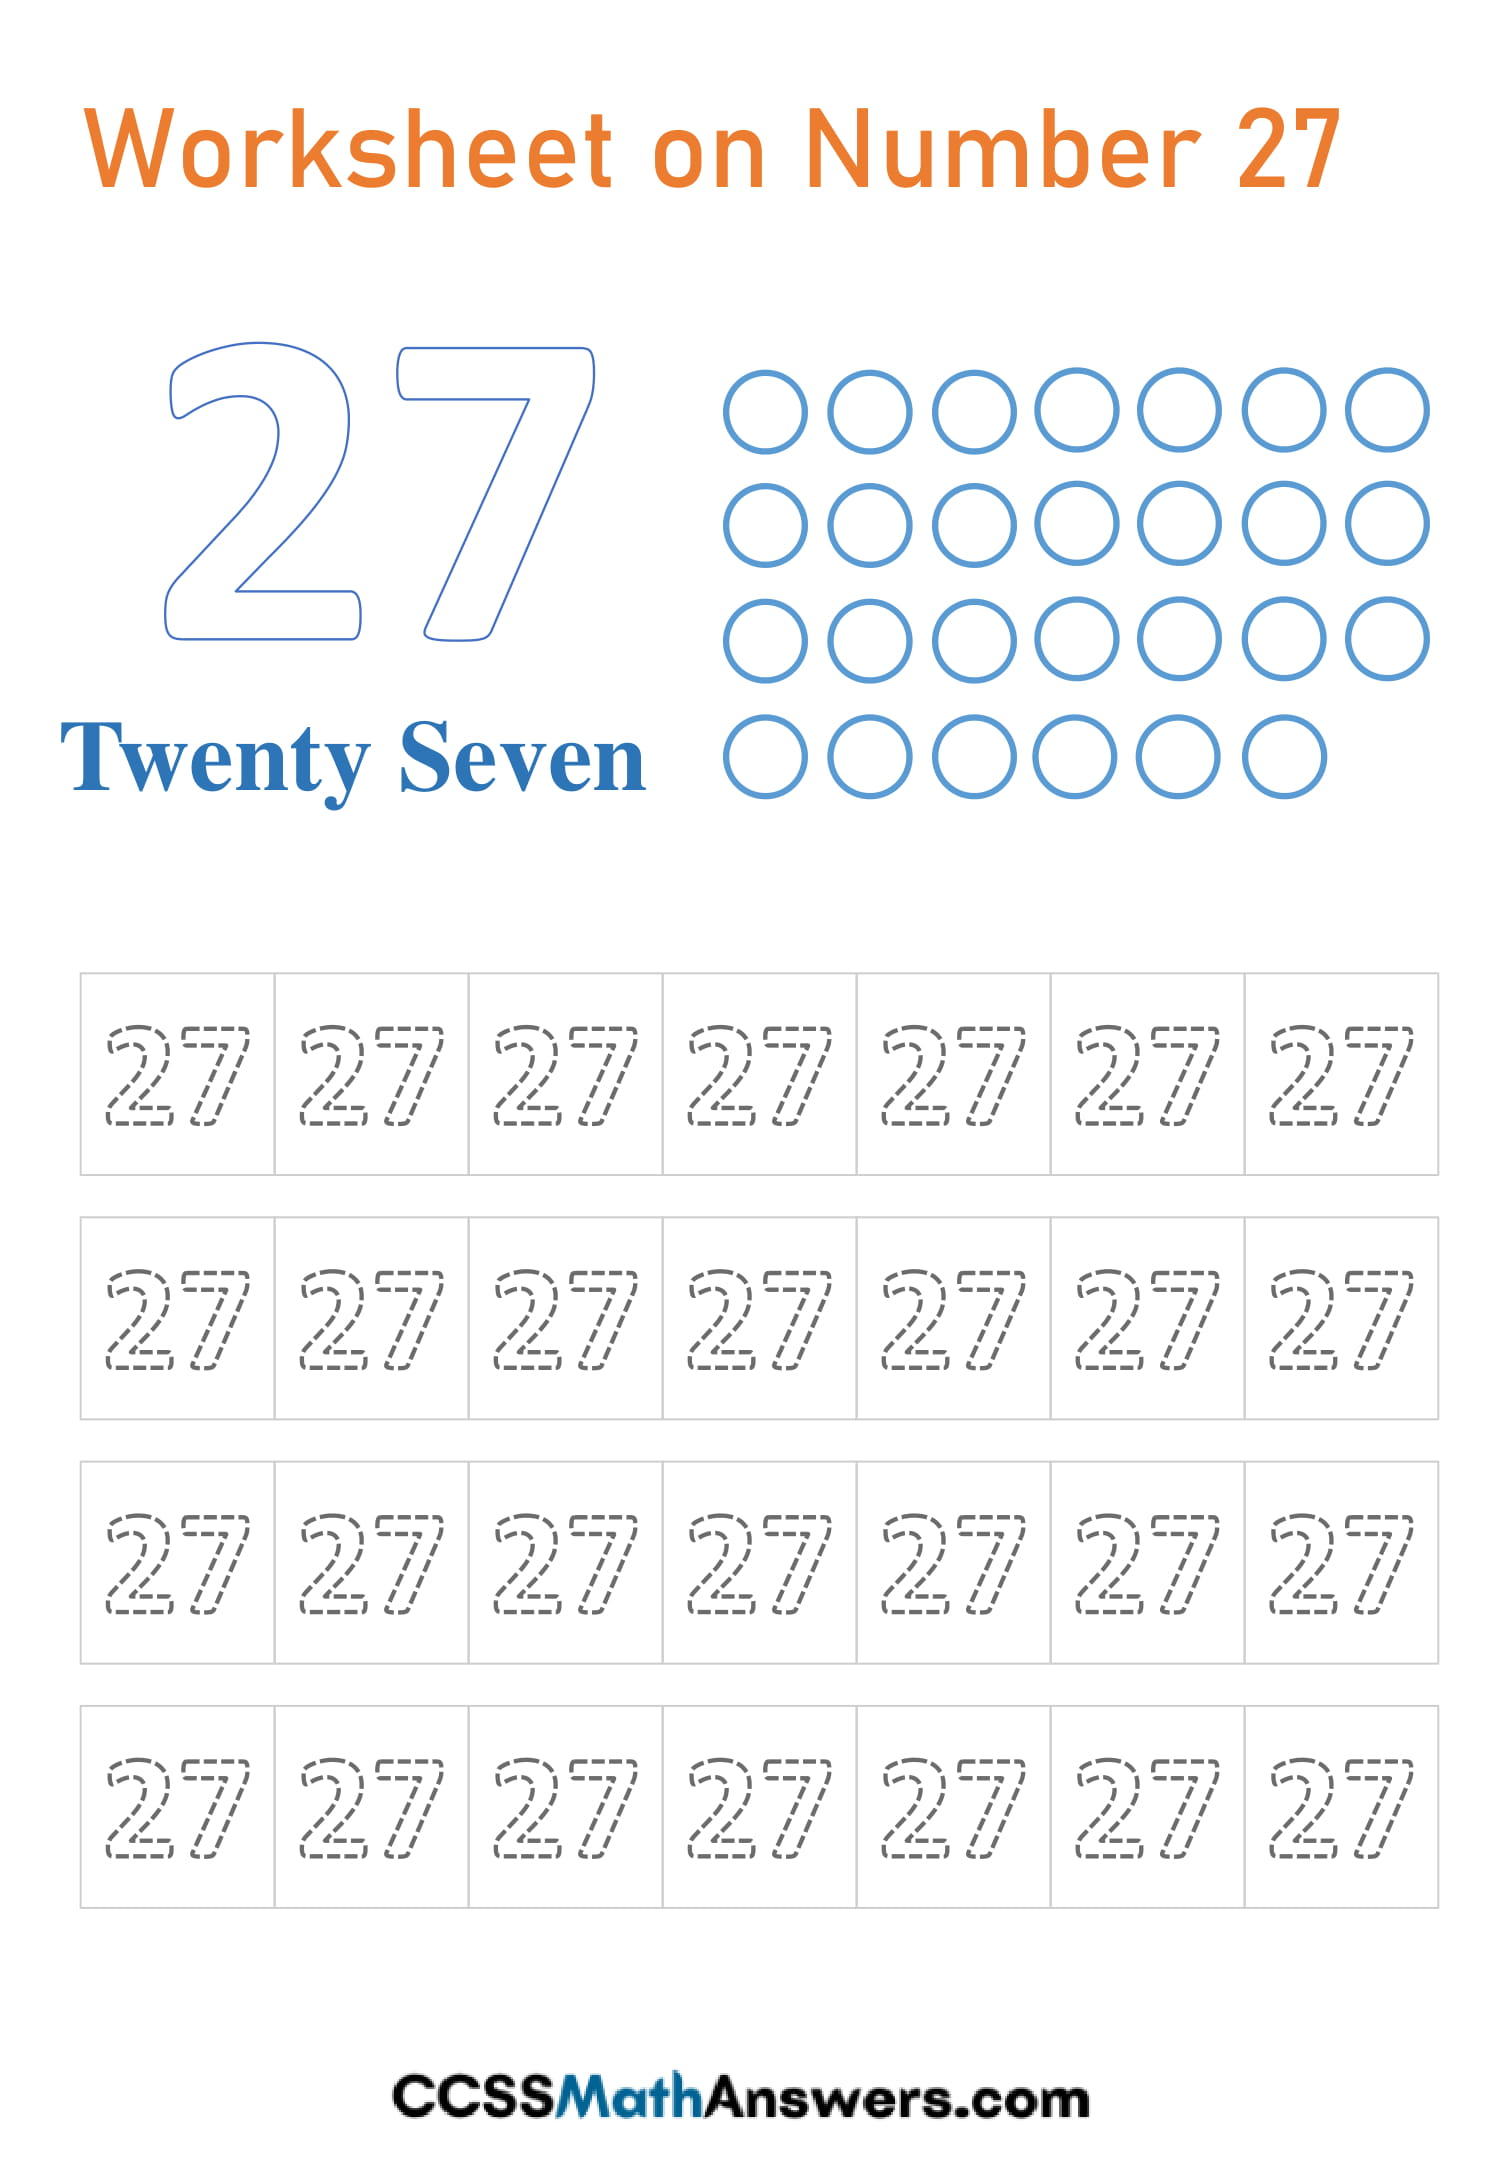 Number 27 Worksheet